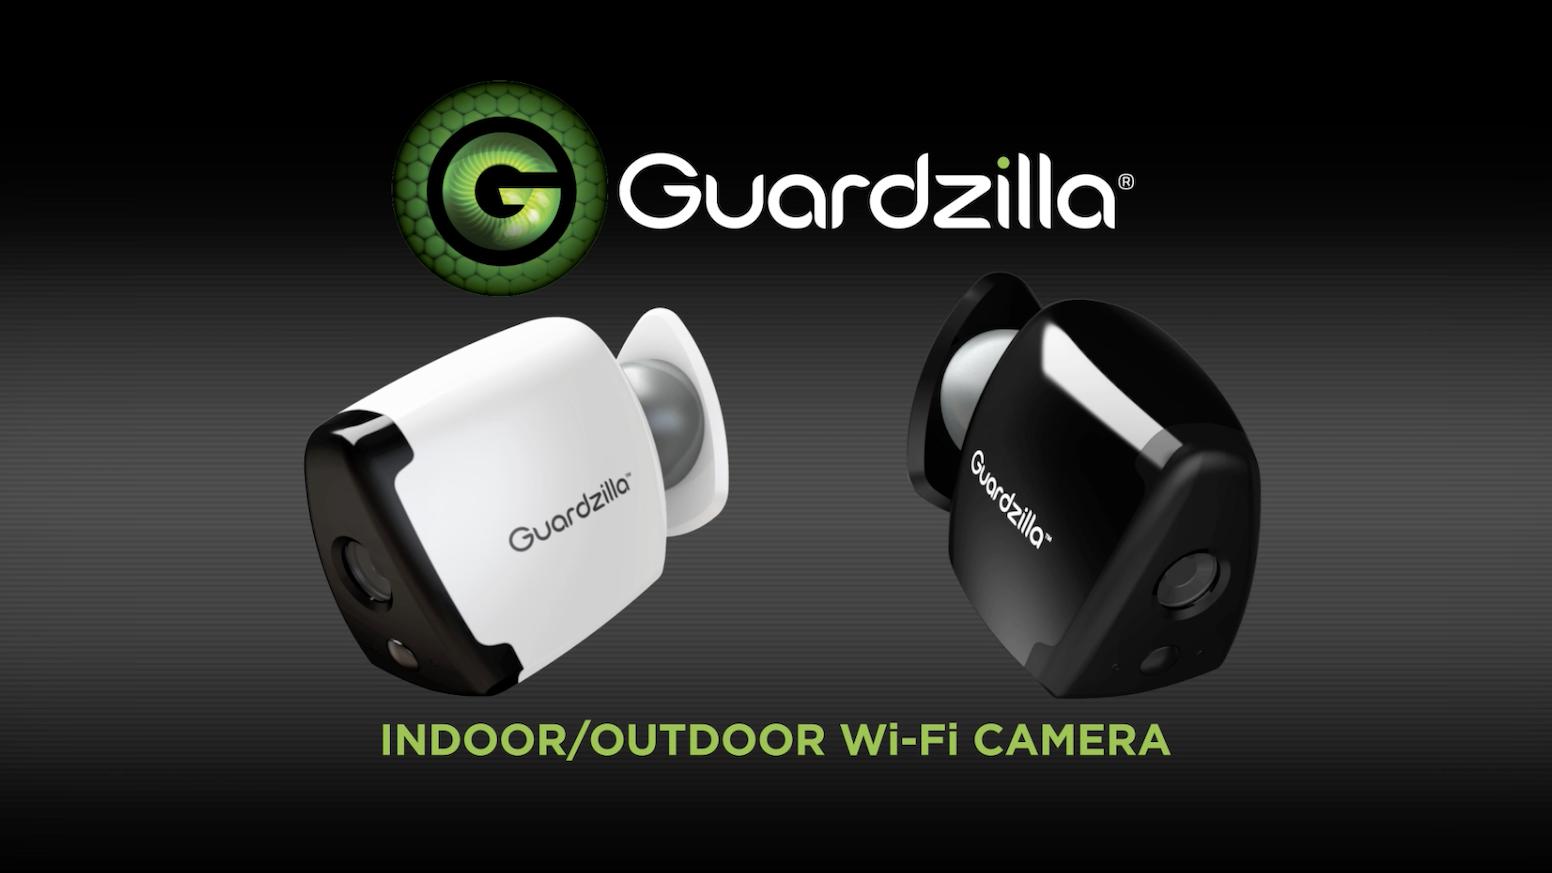 Guardzilla All Weather Wi-Fi Security Camera by Guardzilla